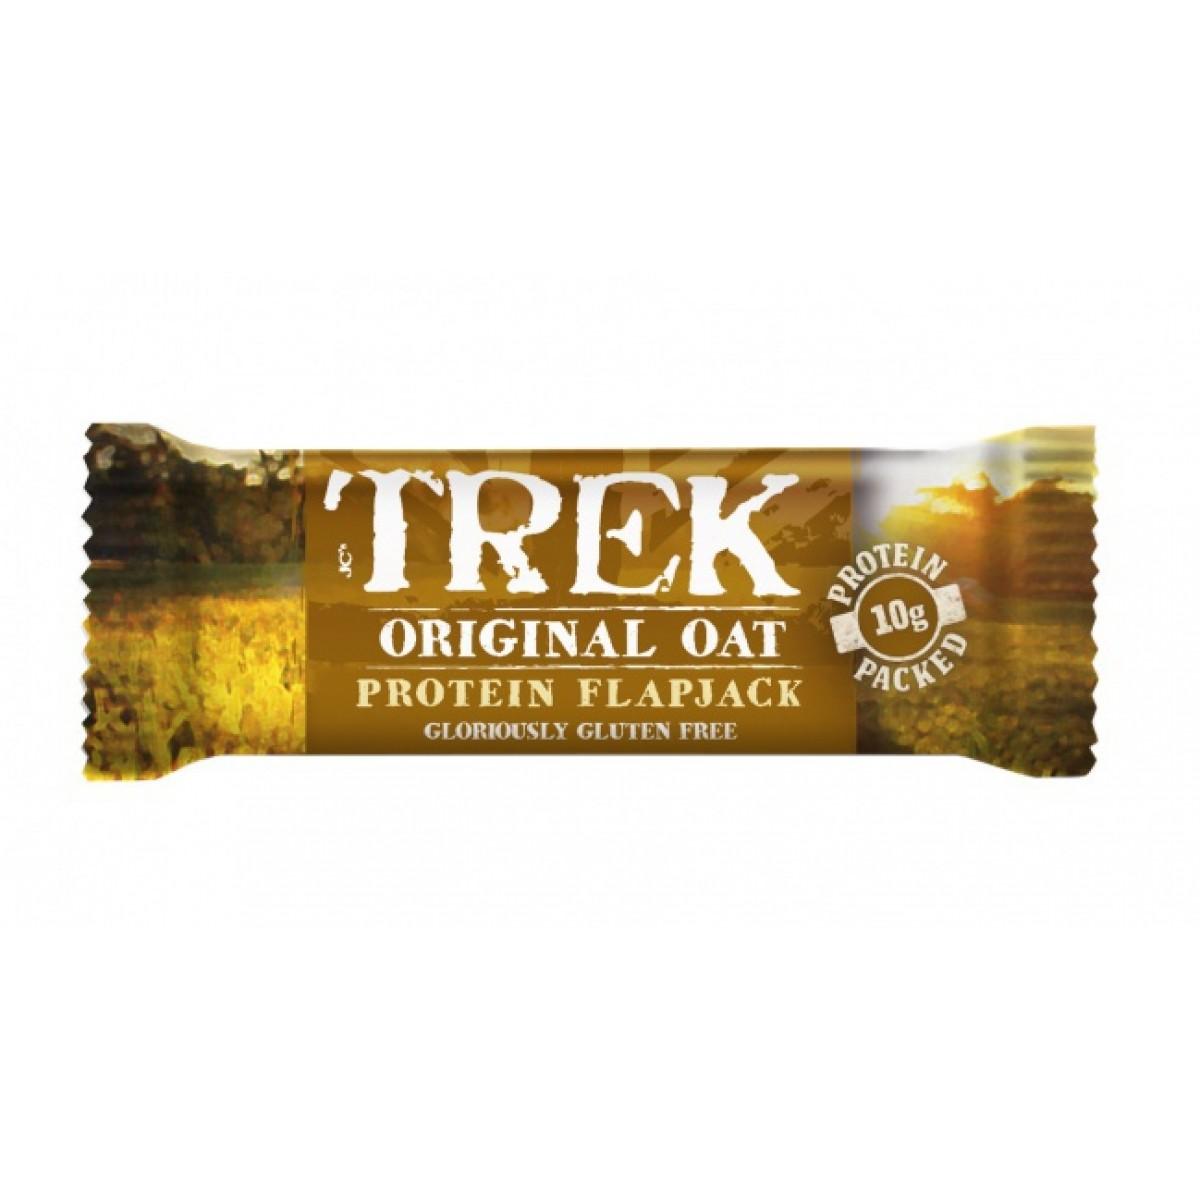 TREK Original Oat